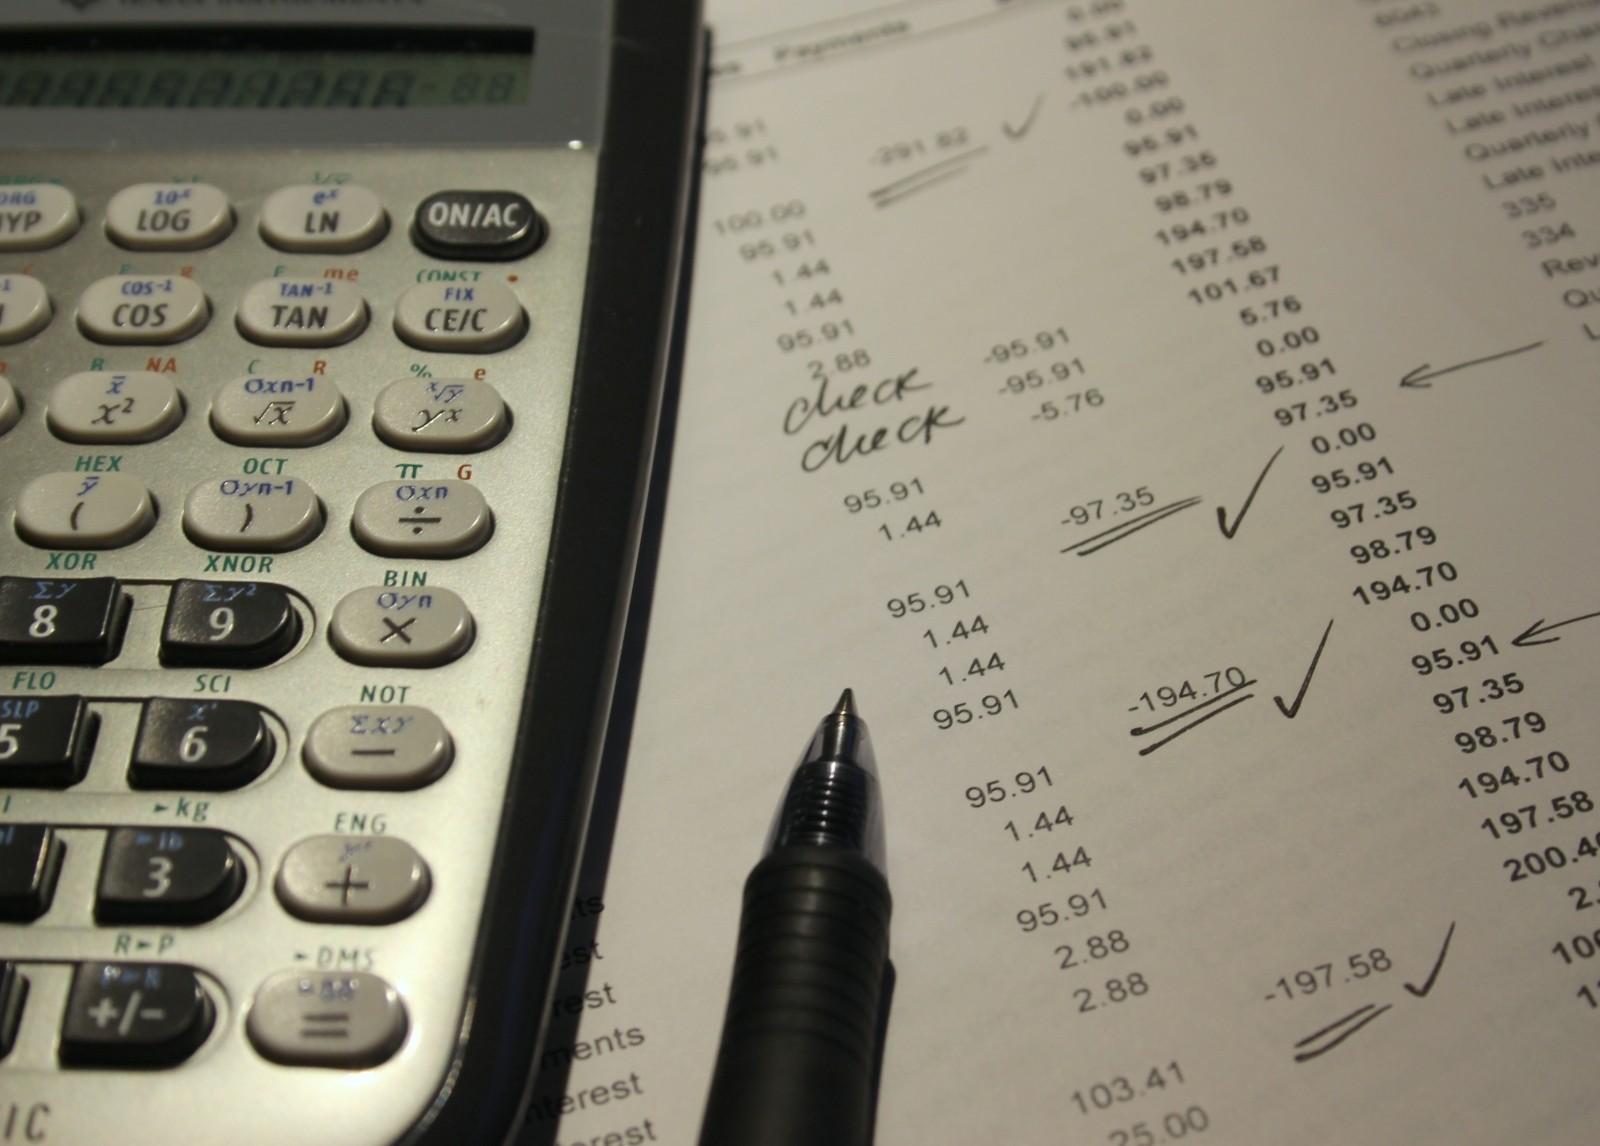 STF valida obrigação da União de fazer cálculos para execução de sentenças em Juizados Especiais Federais